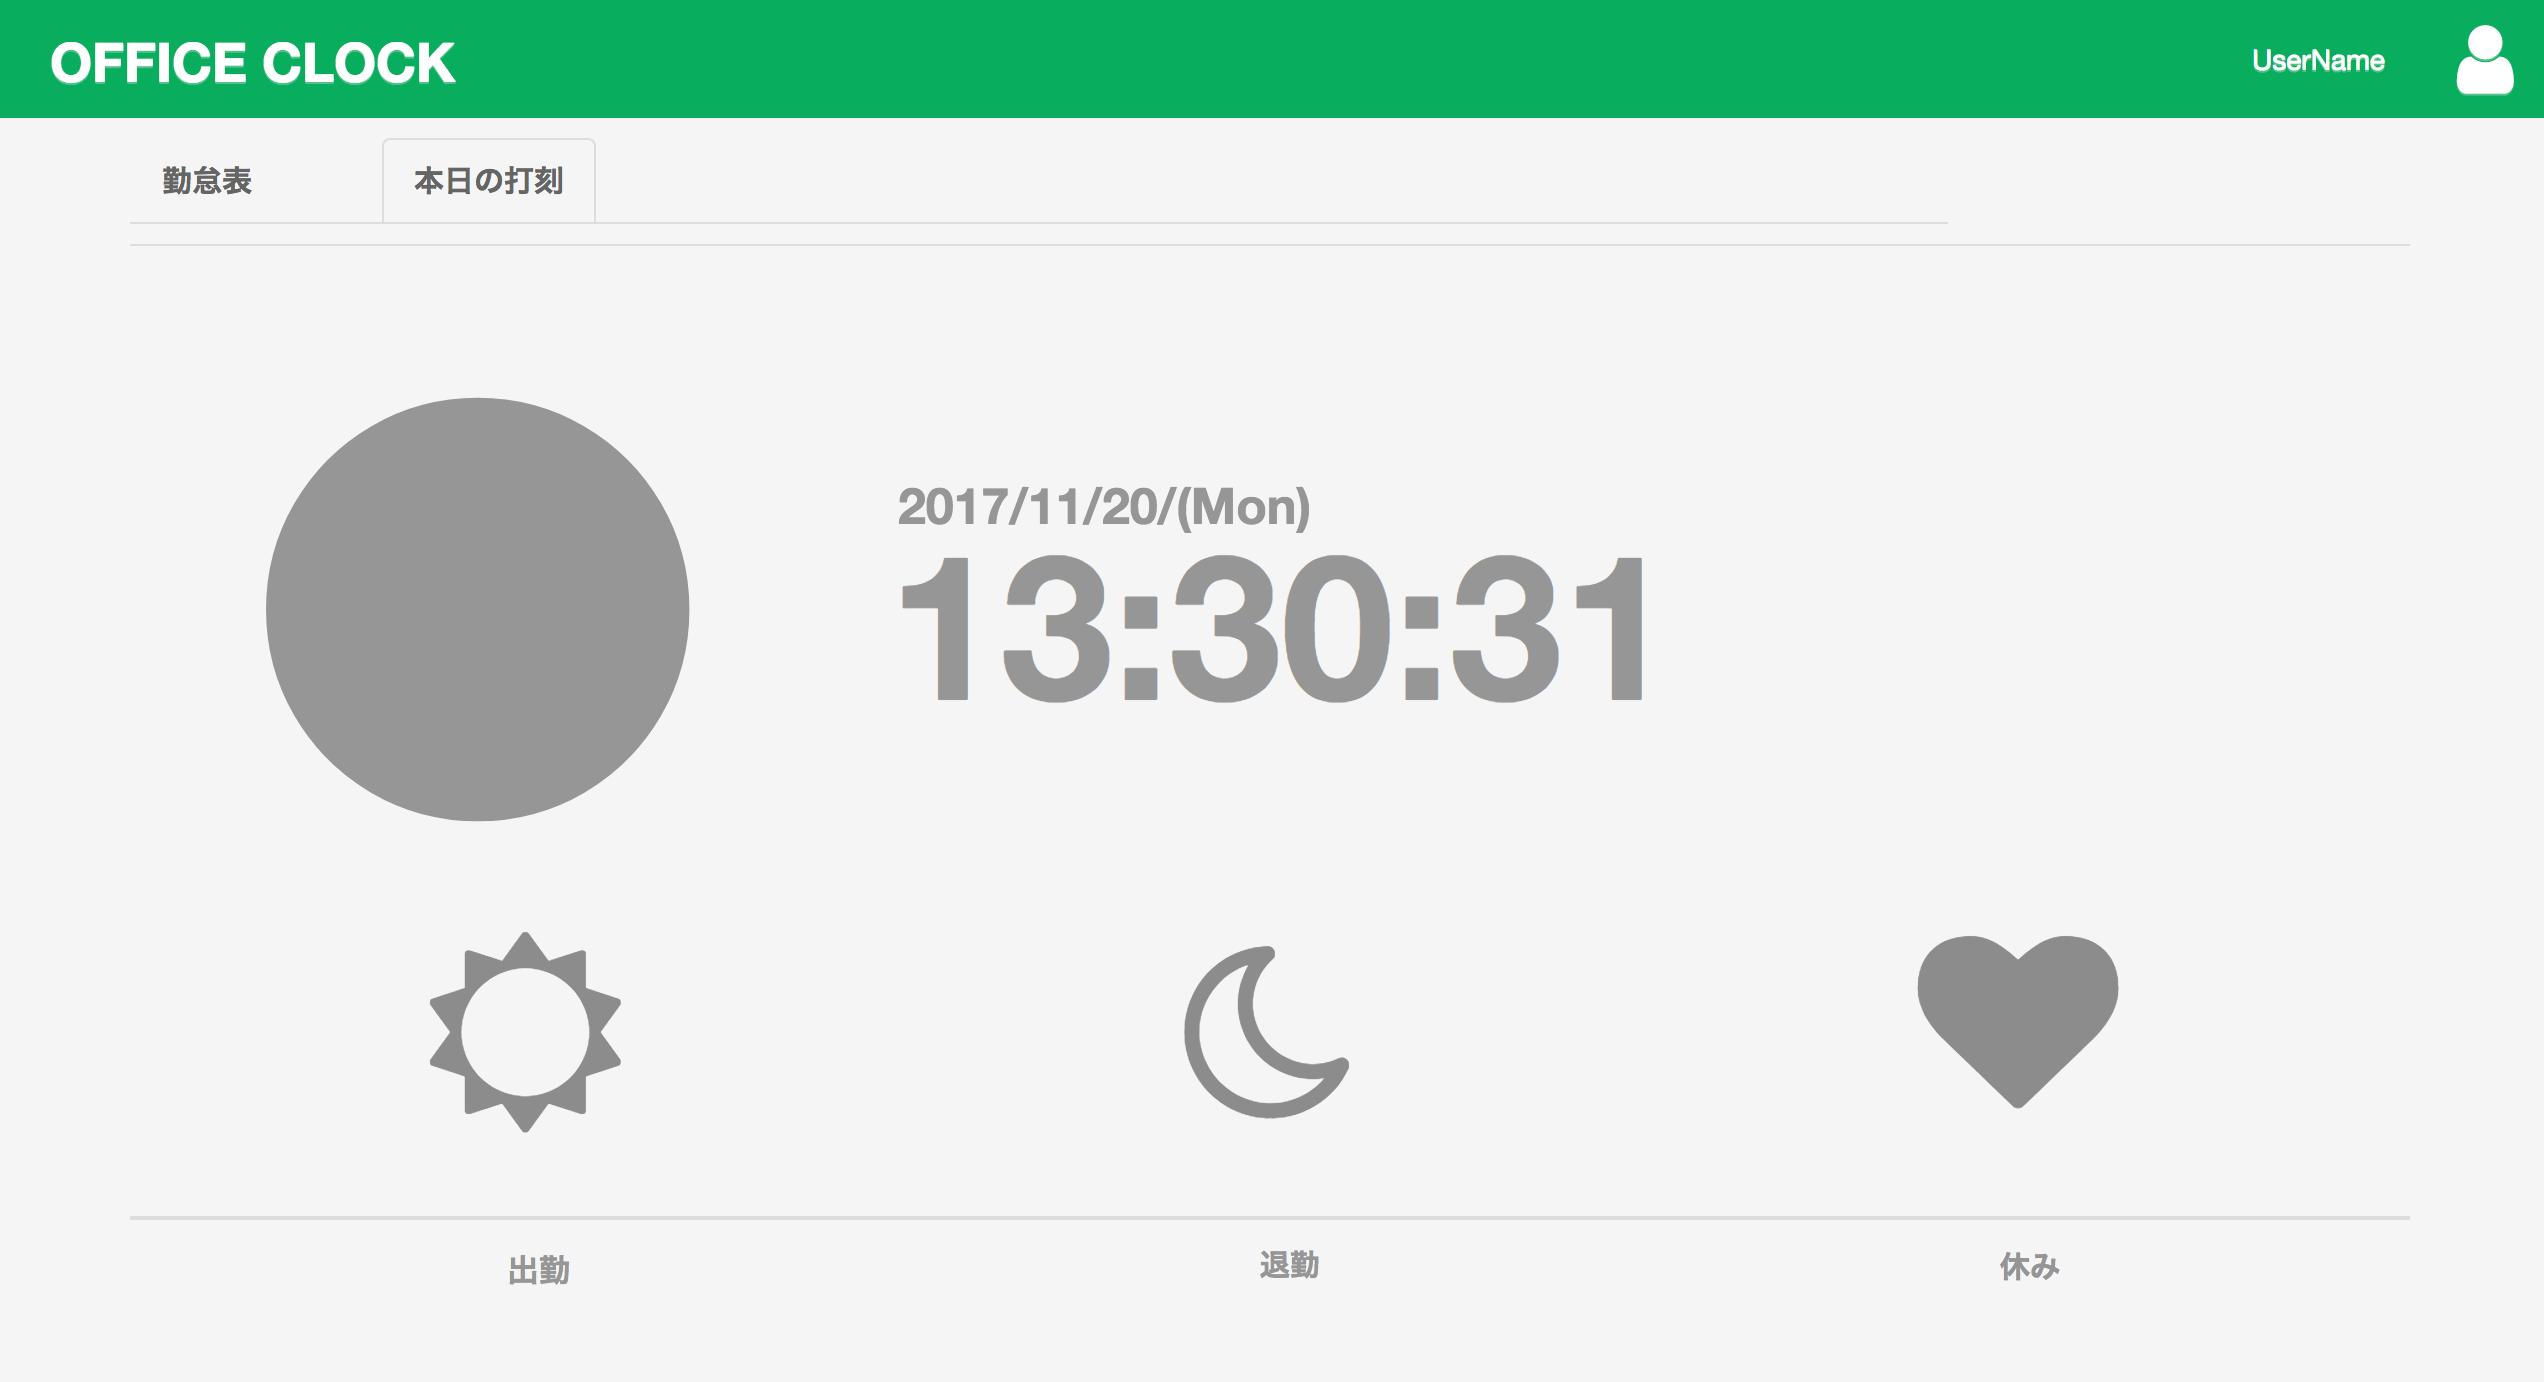 スクリーンショット 2018-01-11 8.16.11.png